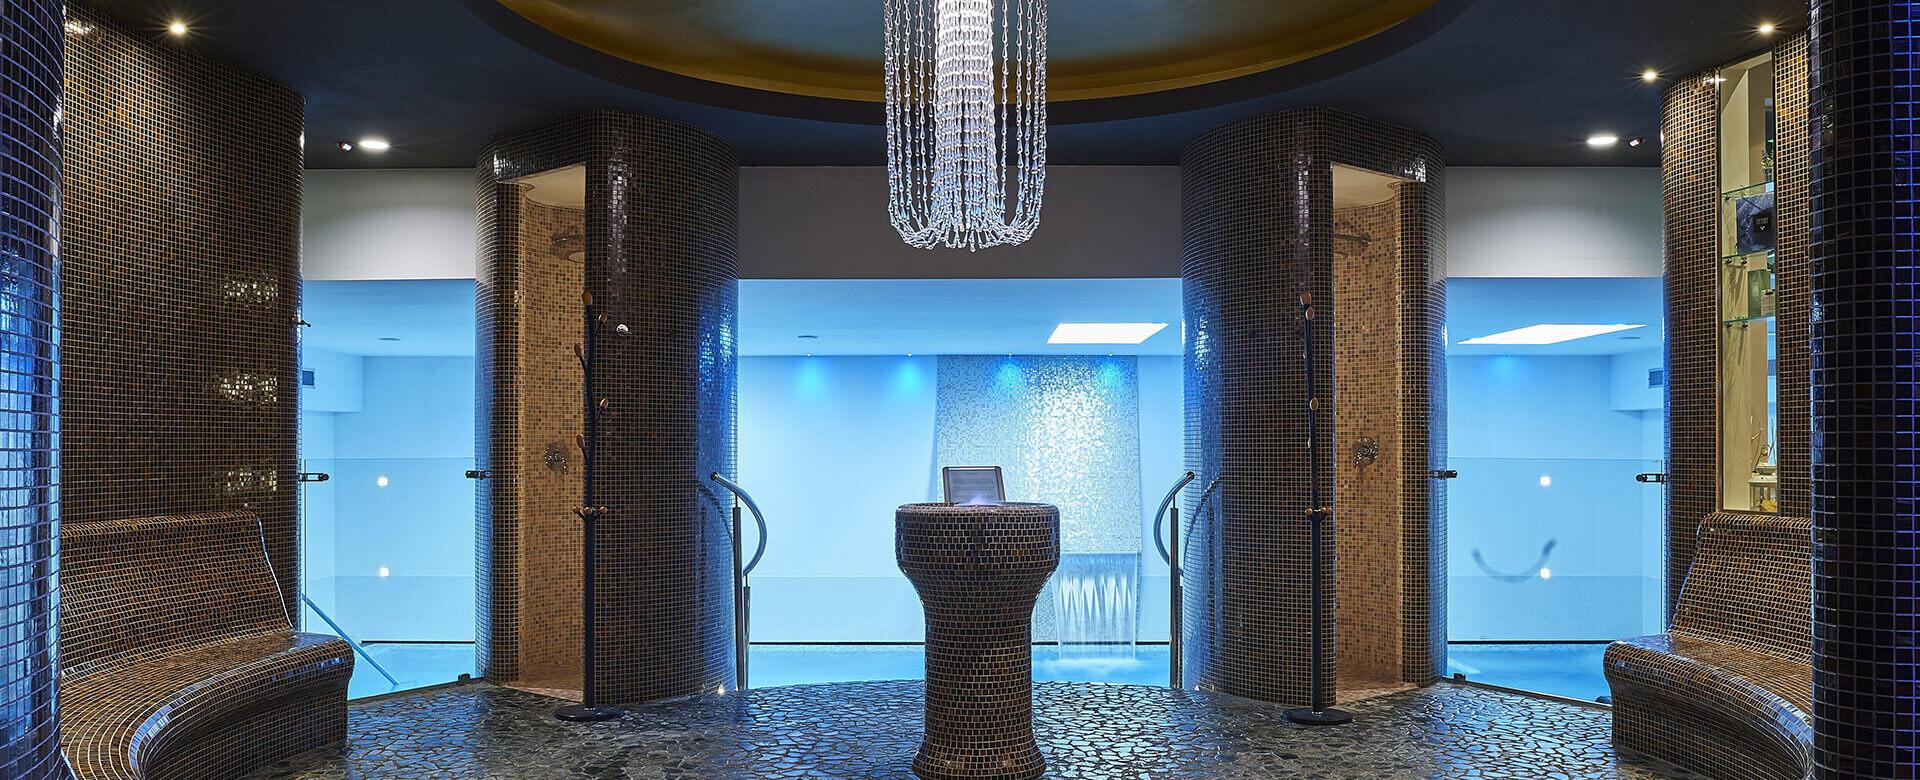 hotelvillaluisa it spa-beauty 004